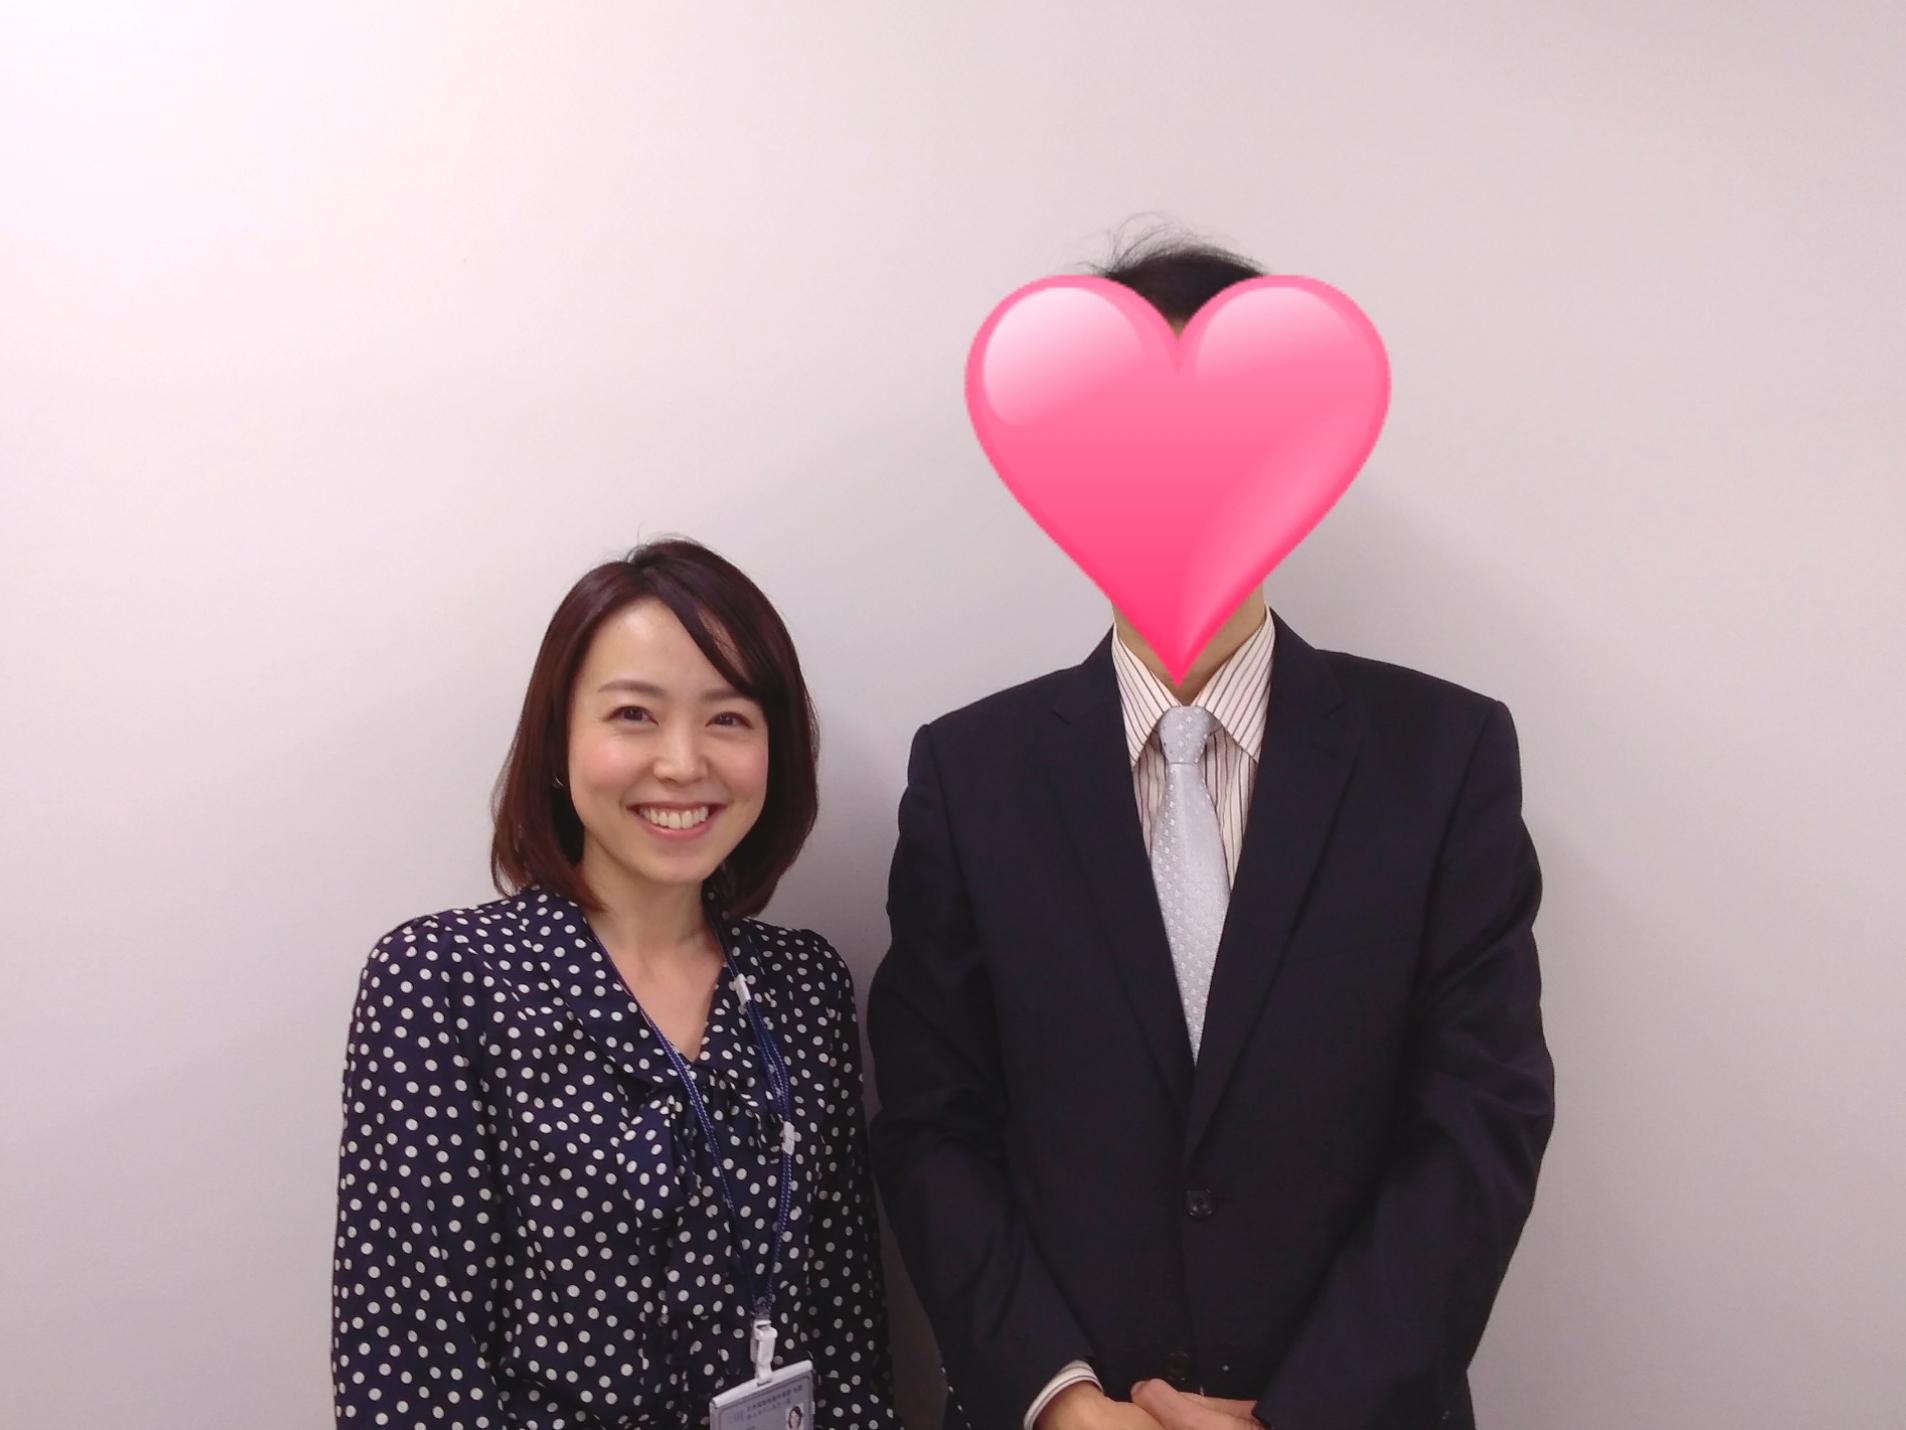 【新規男性会員】笑顔が優しい46歳韓国人です!